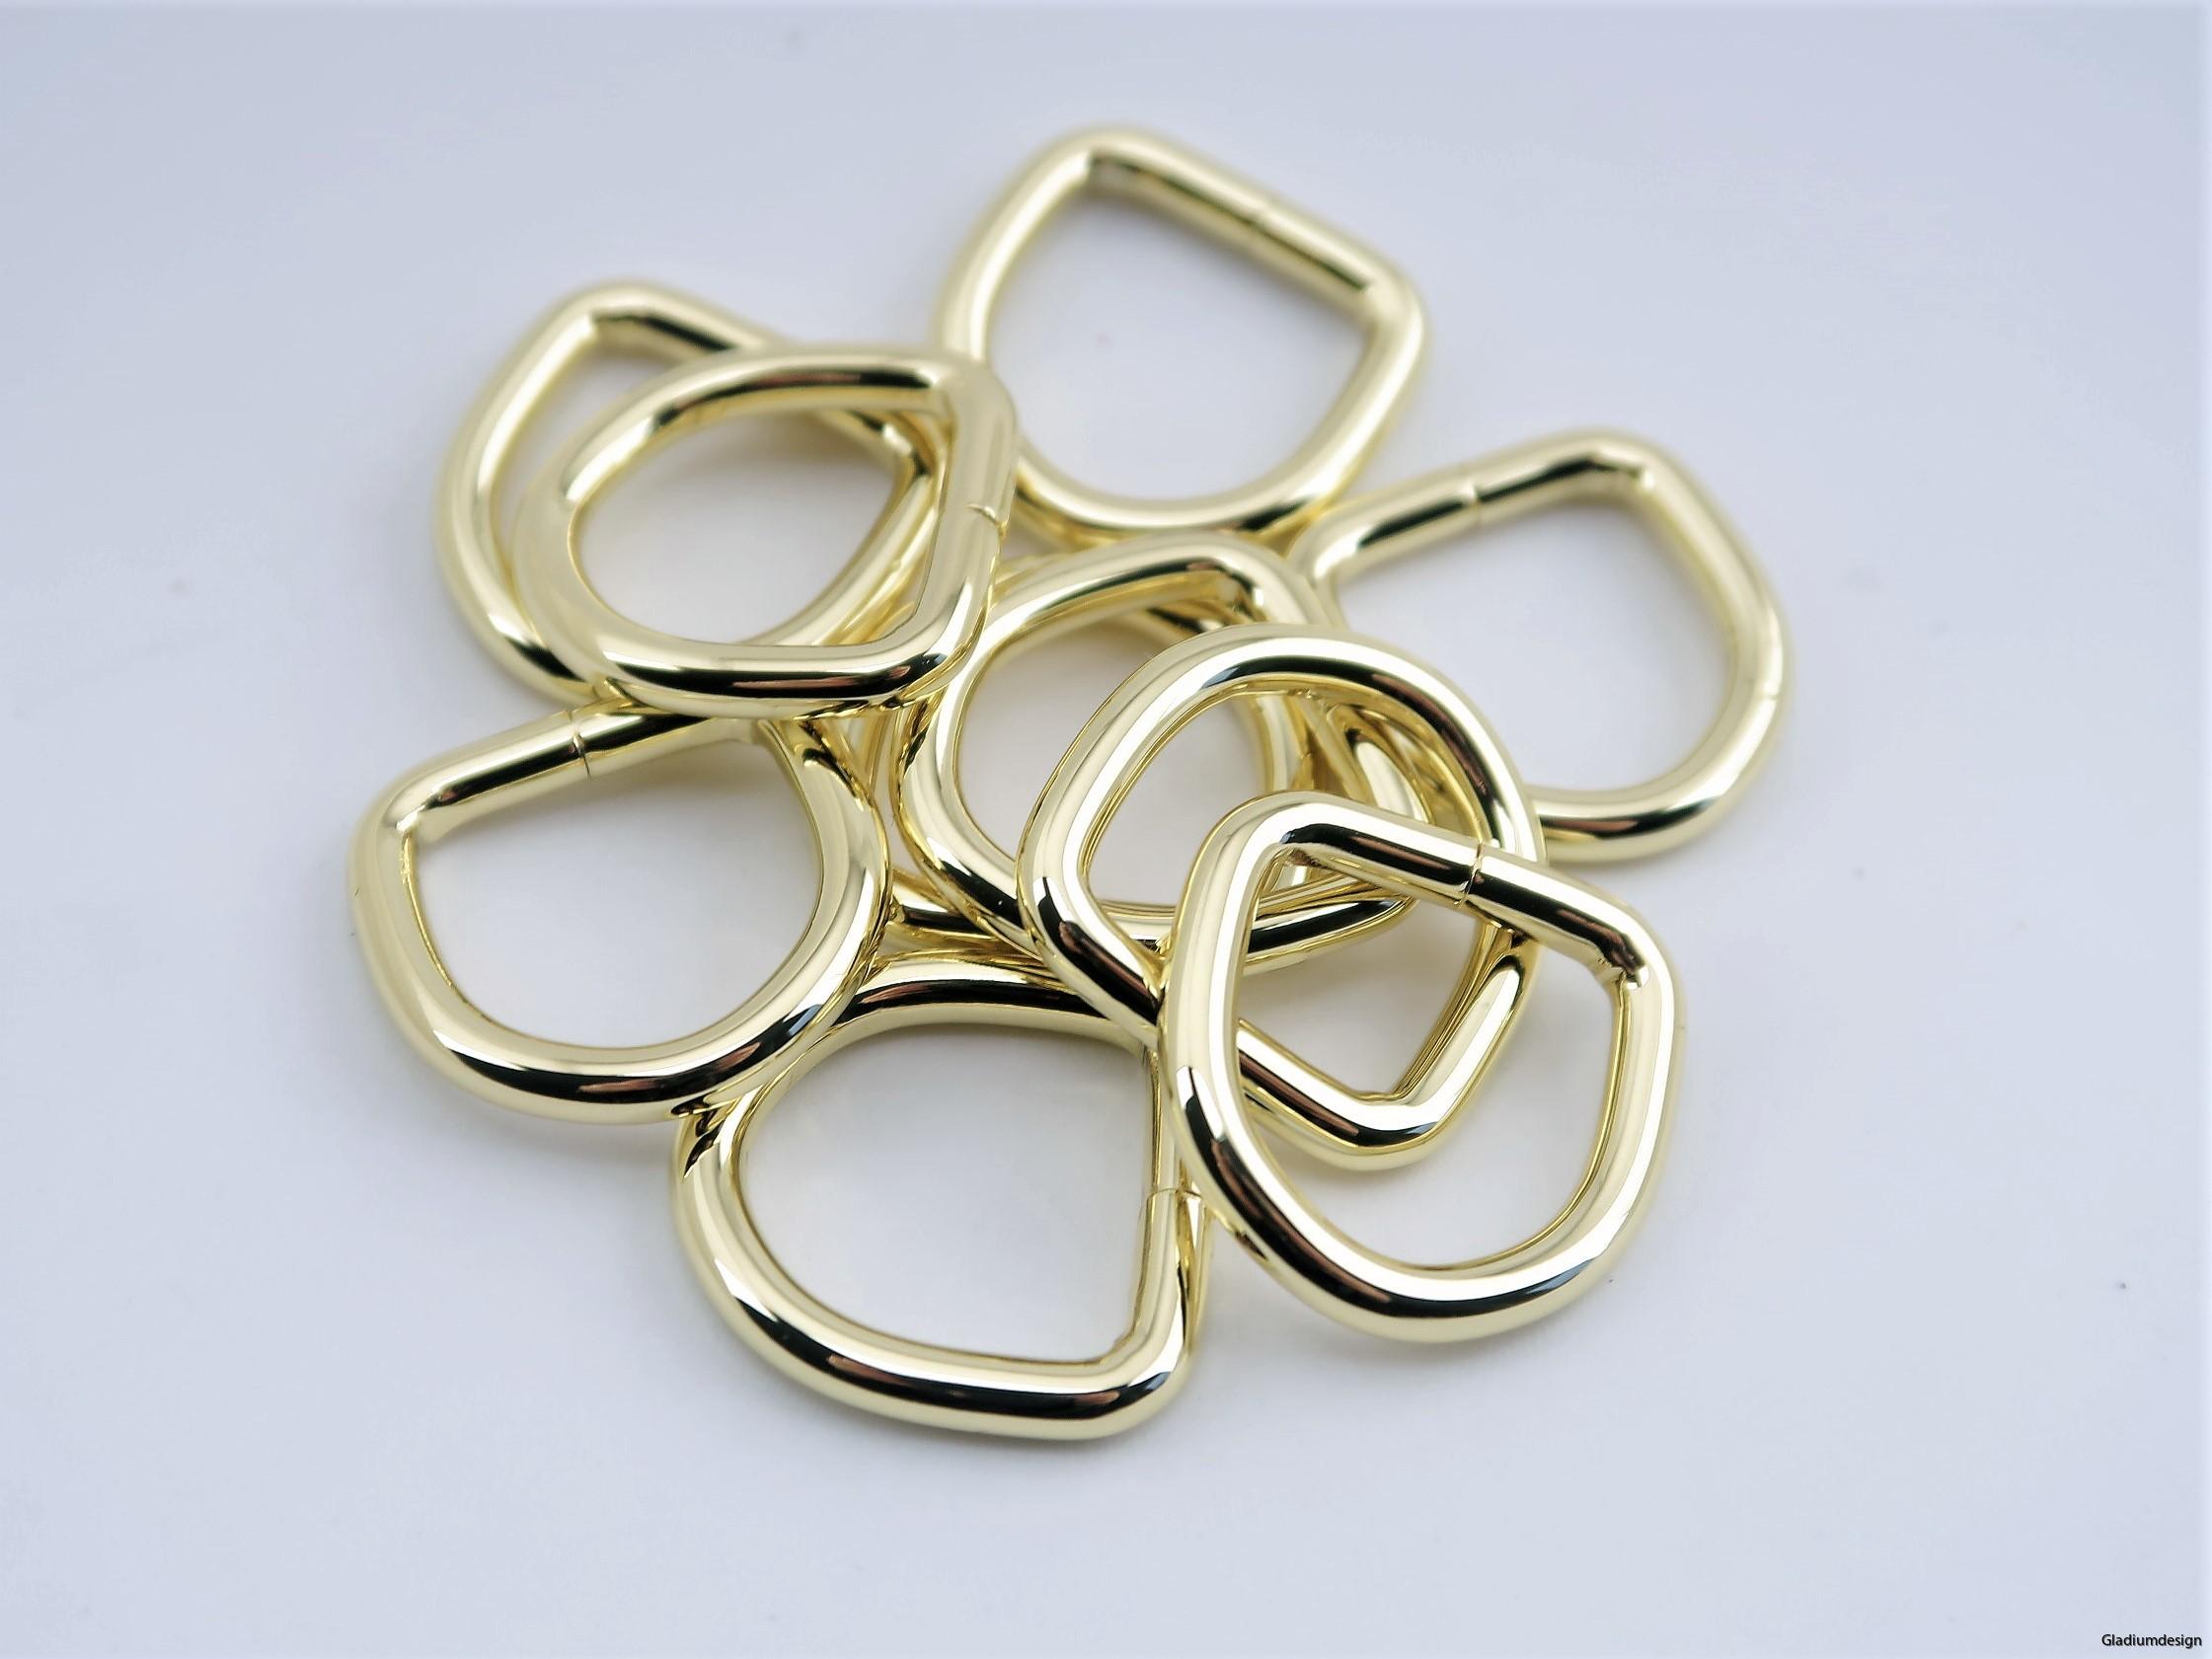 D-ring mässing